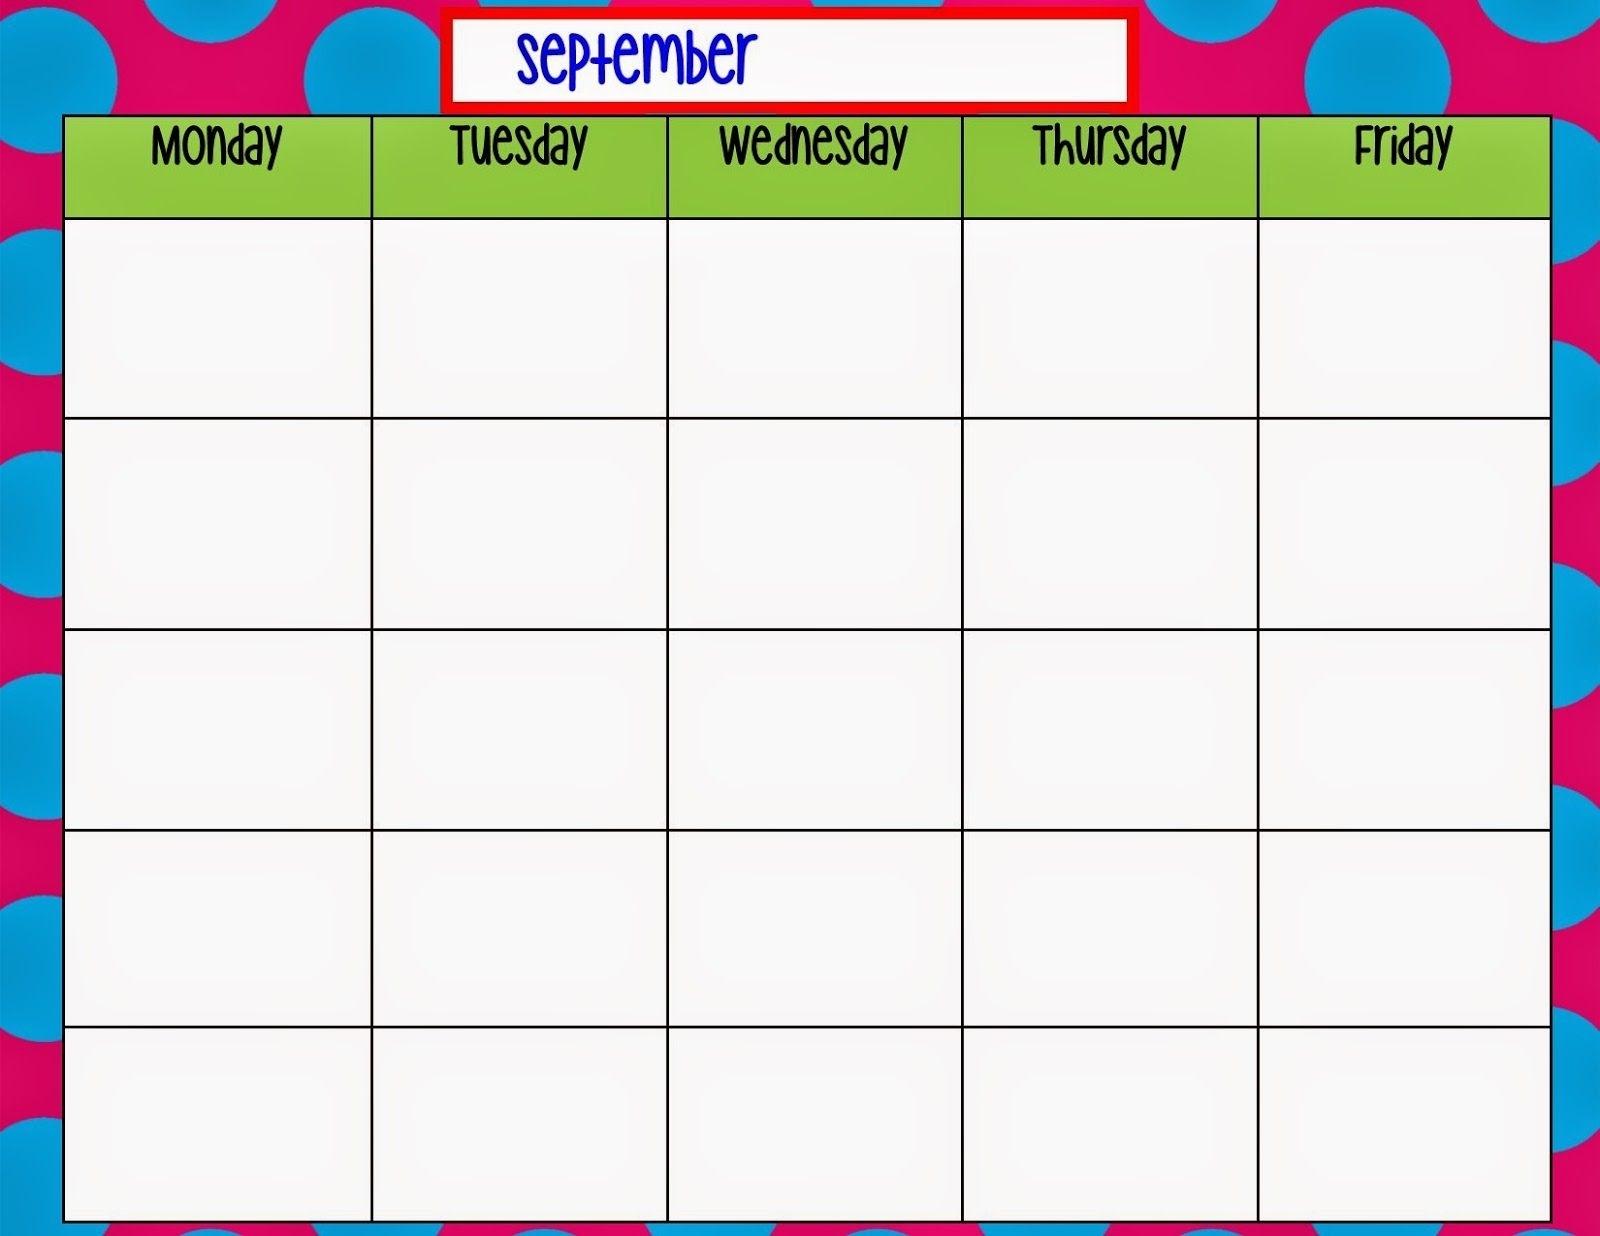 Monday Through Friday Calendar Template | Preschool | Printable intended for Monday Through Friday Blank Calendar Template